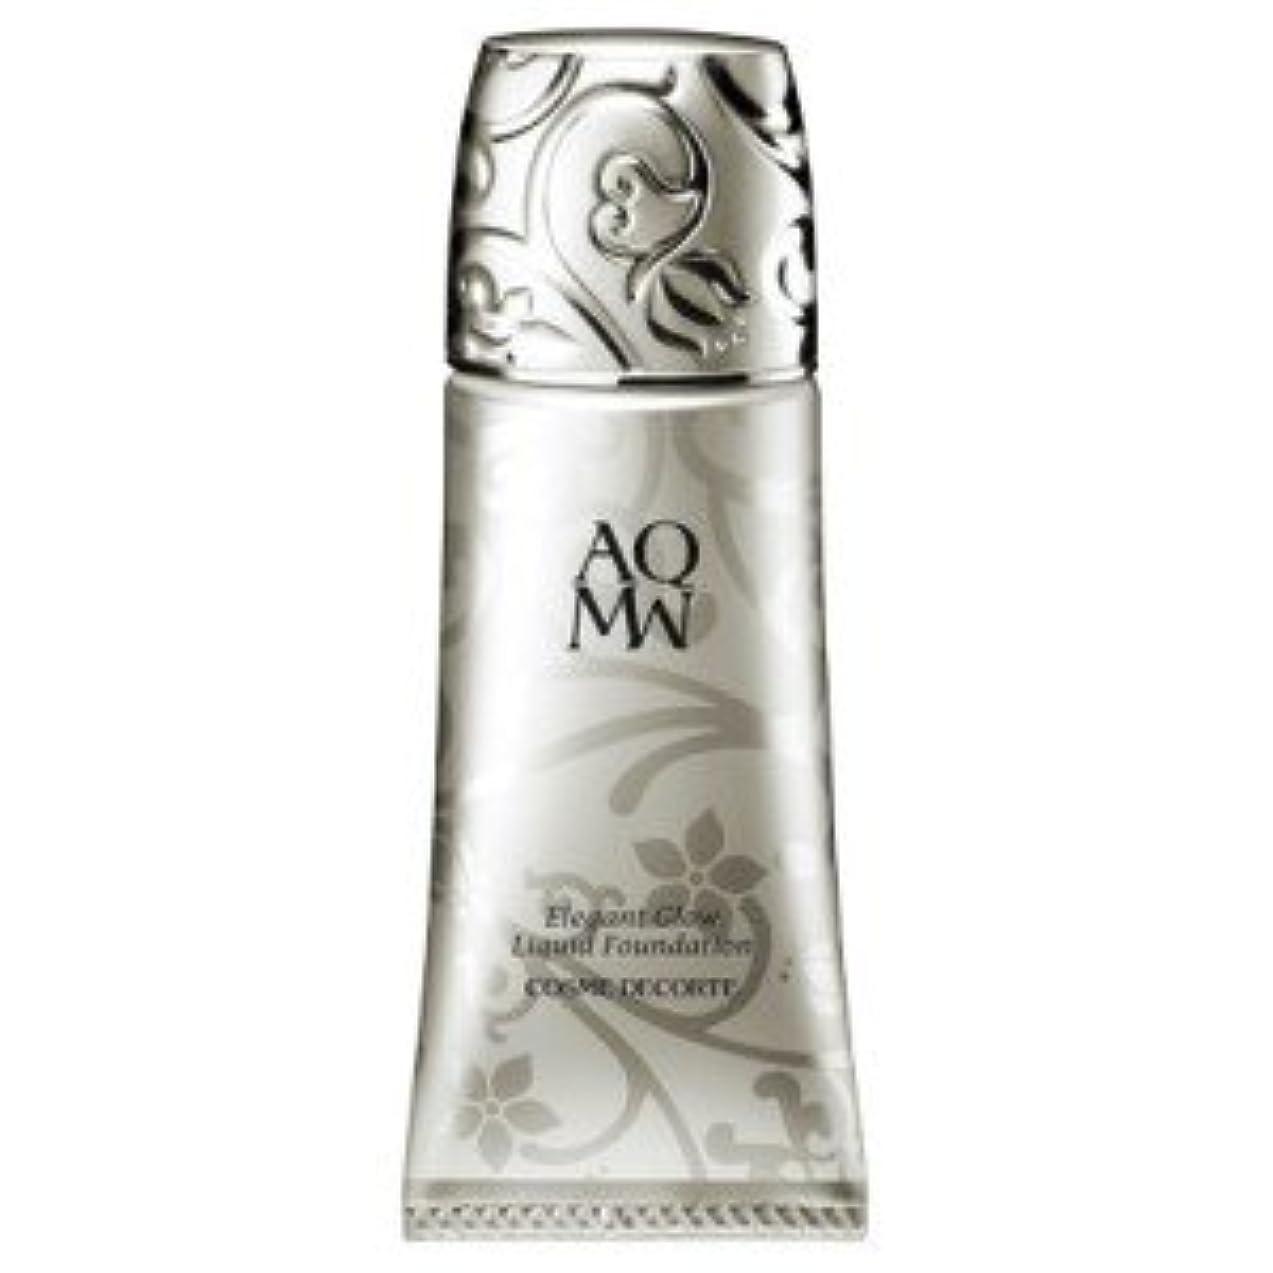 傑出したキャプチャー香水コスメデコルテ AQ MW エレガントグロウ リキッドファンデーション 301 30ml